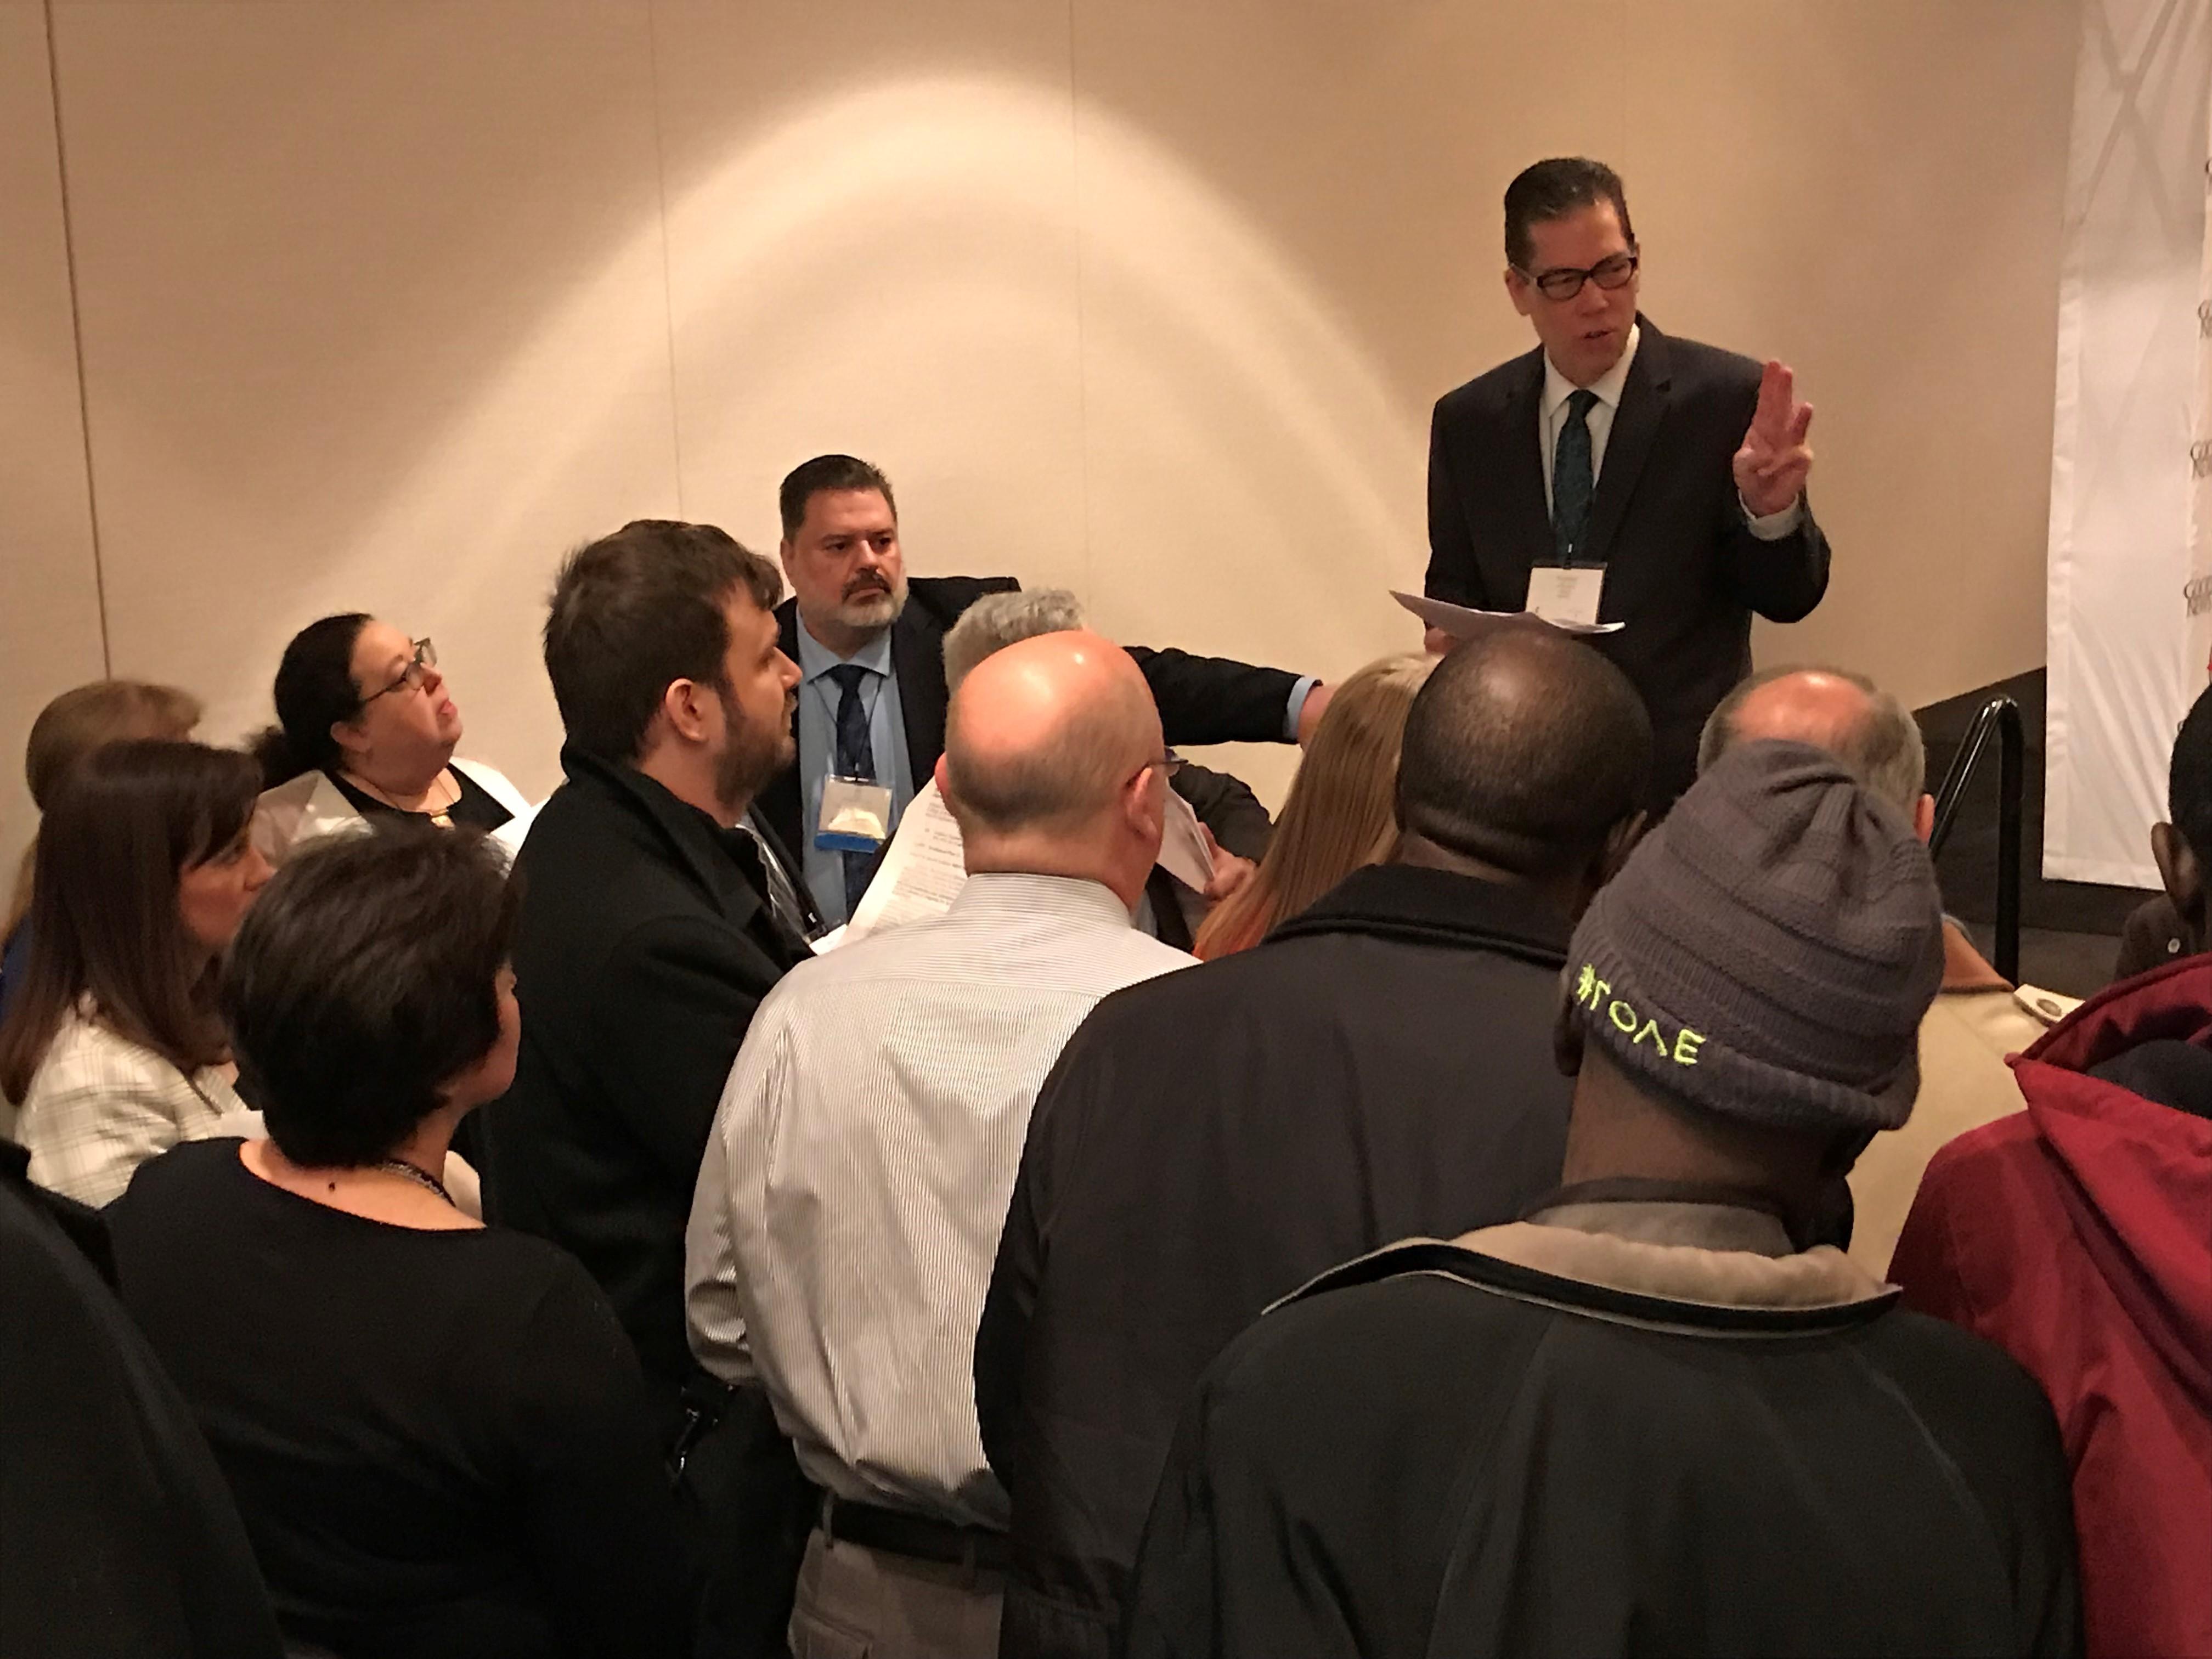 Le révérend Tom Lambrecht donne des instructions aux délégués de la Conférence Générale 2019 lors du petit-déjeuner-briefing organisé le 25 février et parrainé par Good News, le groupe non officiel de défense des droits traditionalistes au sein de l'Église Méthodiste Unie. Photo de Sam Hodges, UMNS.